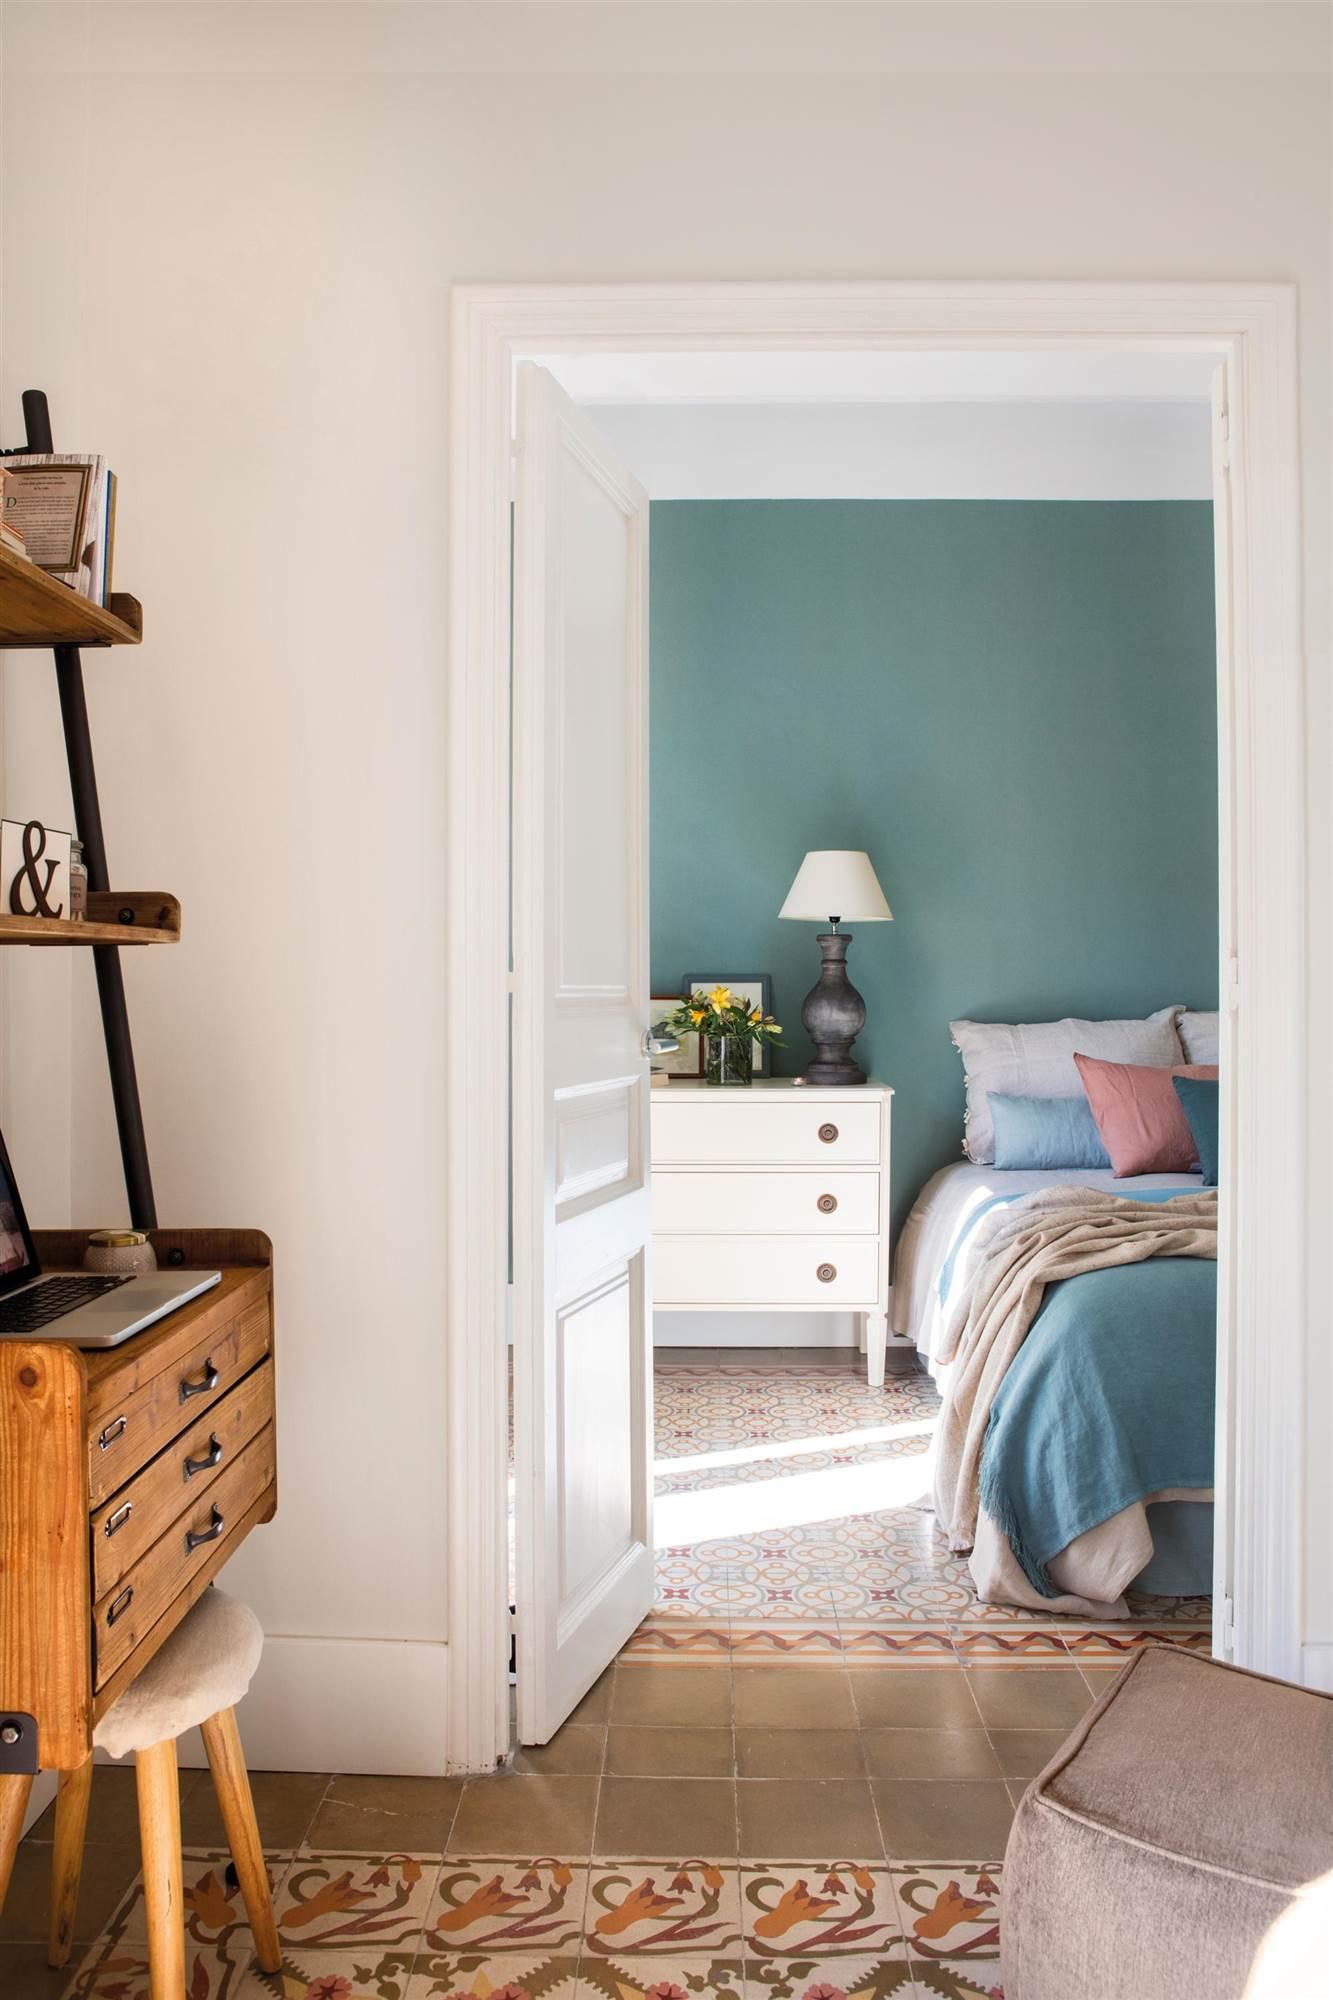 Cmo elegir el color para pintar las paredes de casa